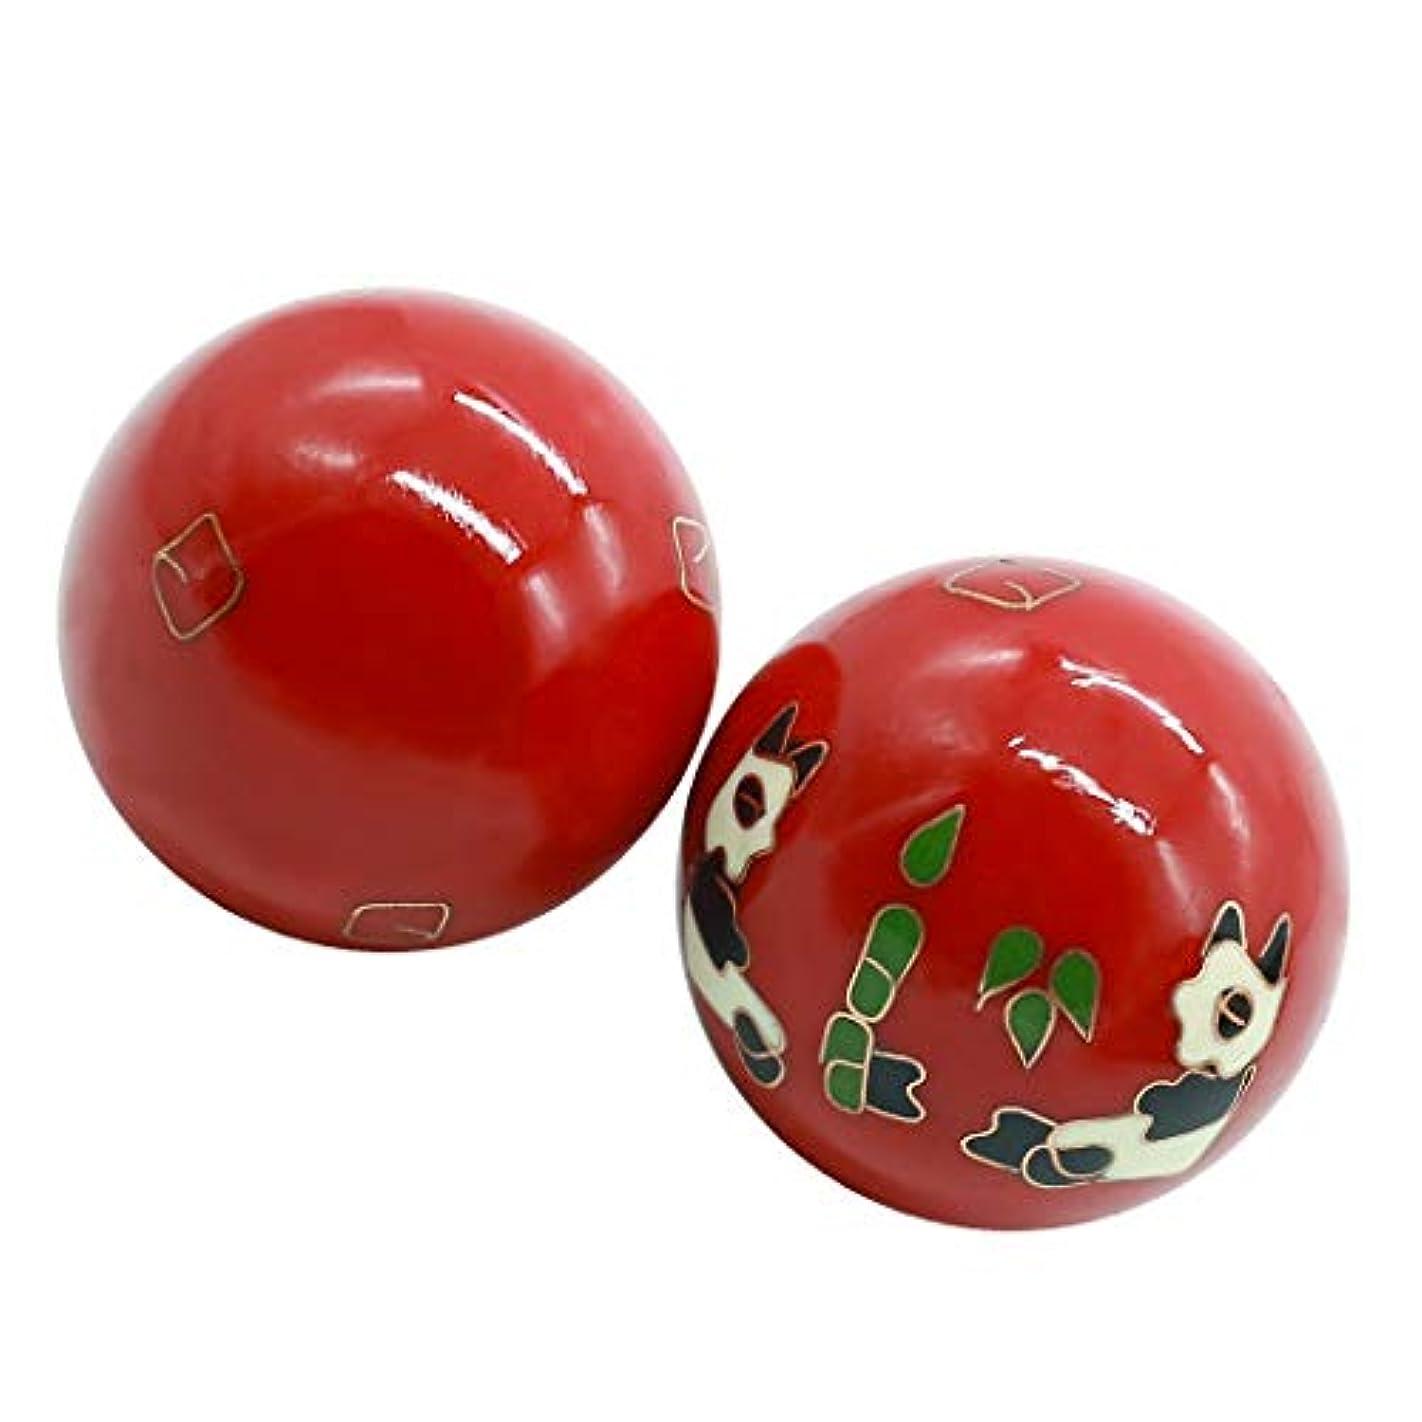 出発のぞき穴フォーマット風水グッズ 健康球 健身球 脳 活性 ストレス トレーニング器具 手の機能回復 2個 パンダ (赤い, 35mm) INB166